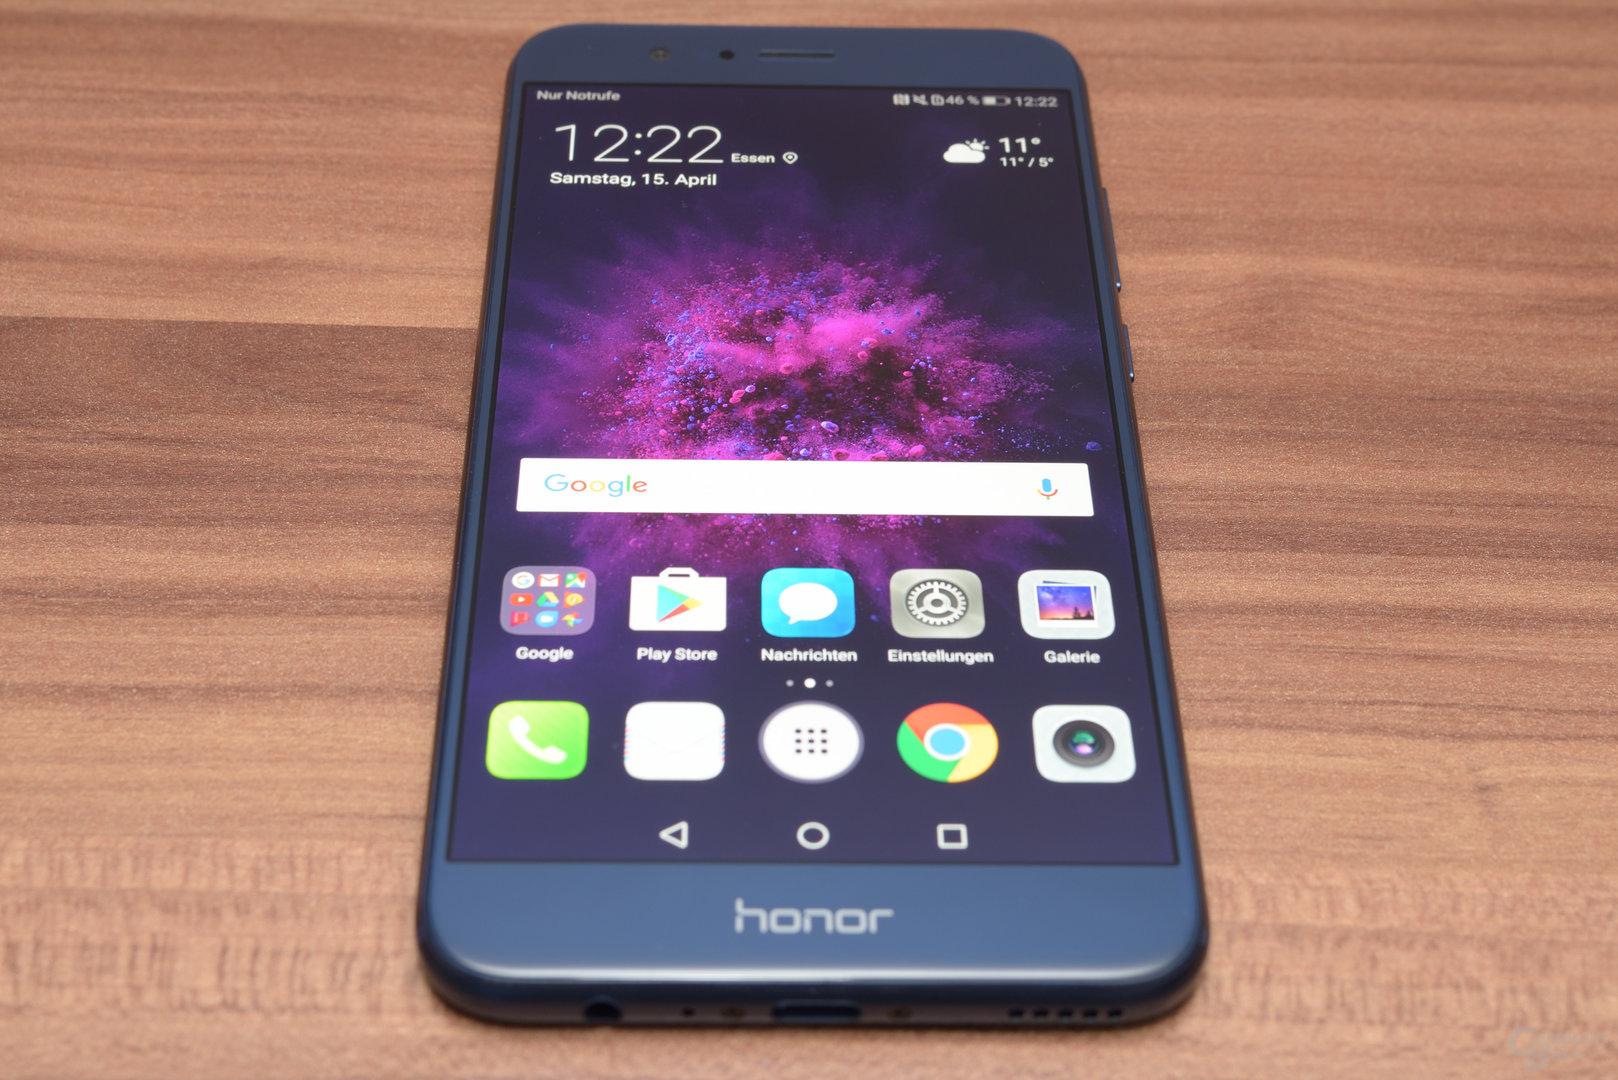 Das Honor 8 Pro ist ein gutes Smartphone geworden